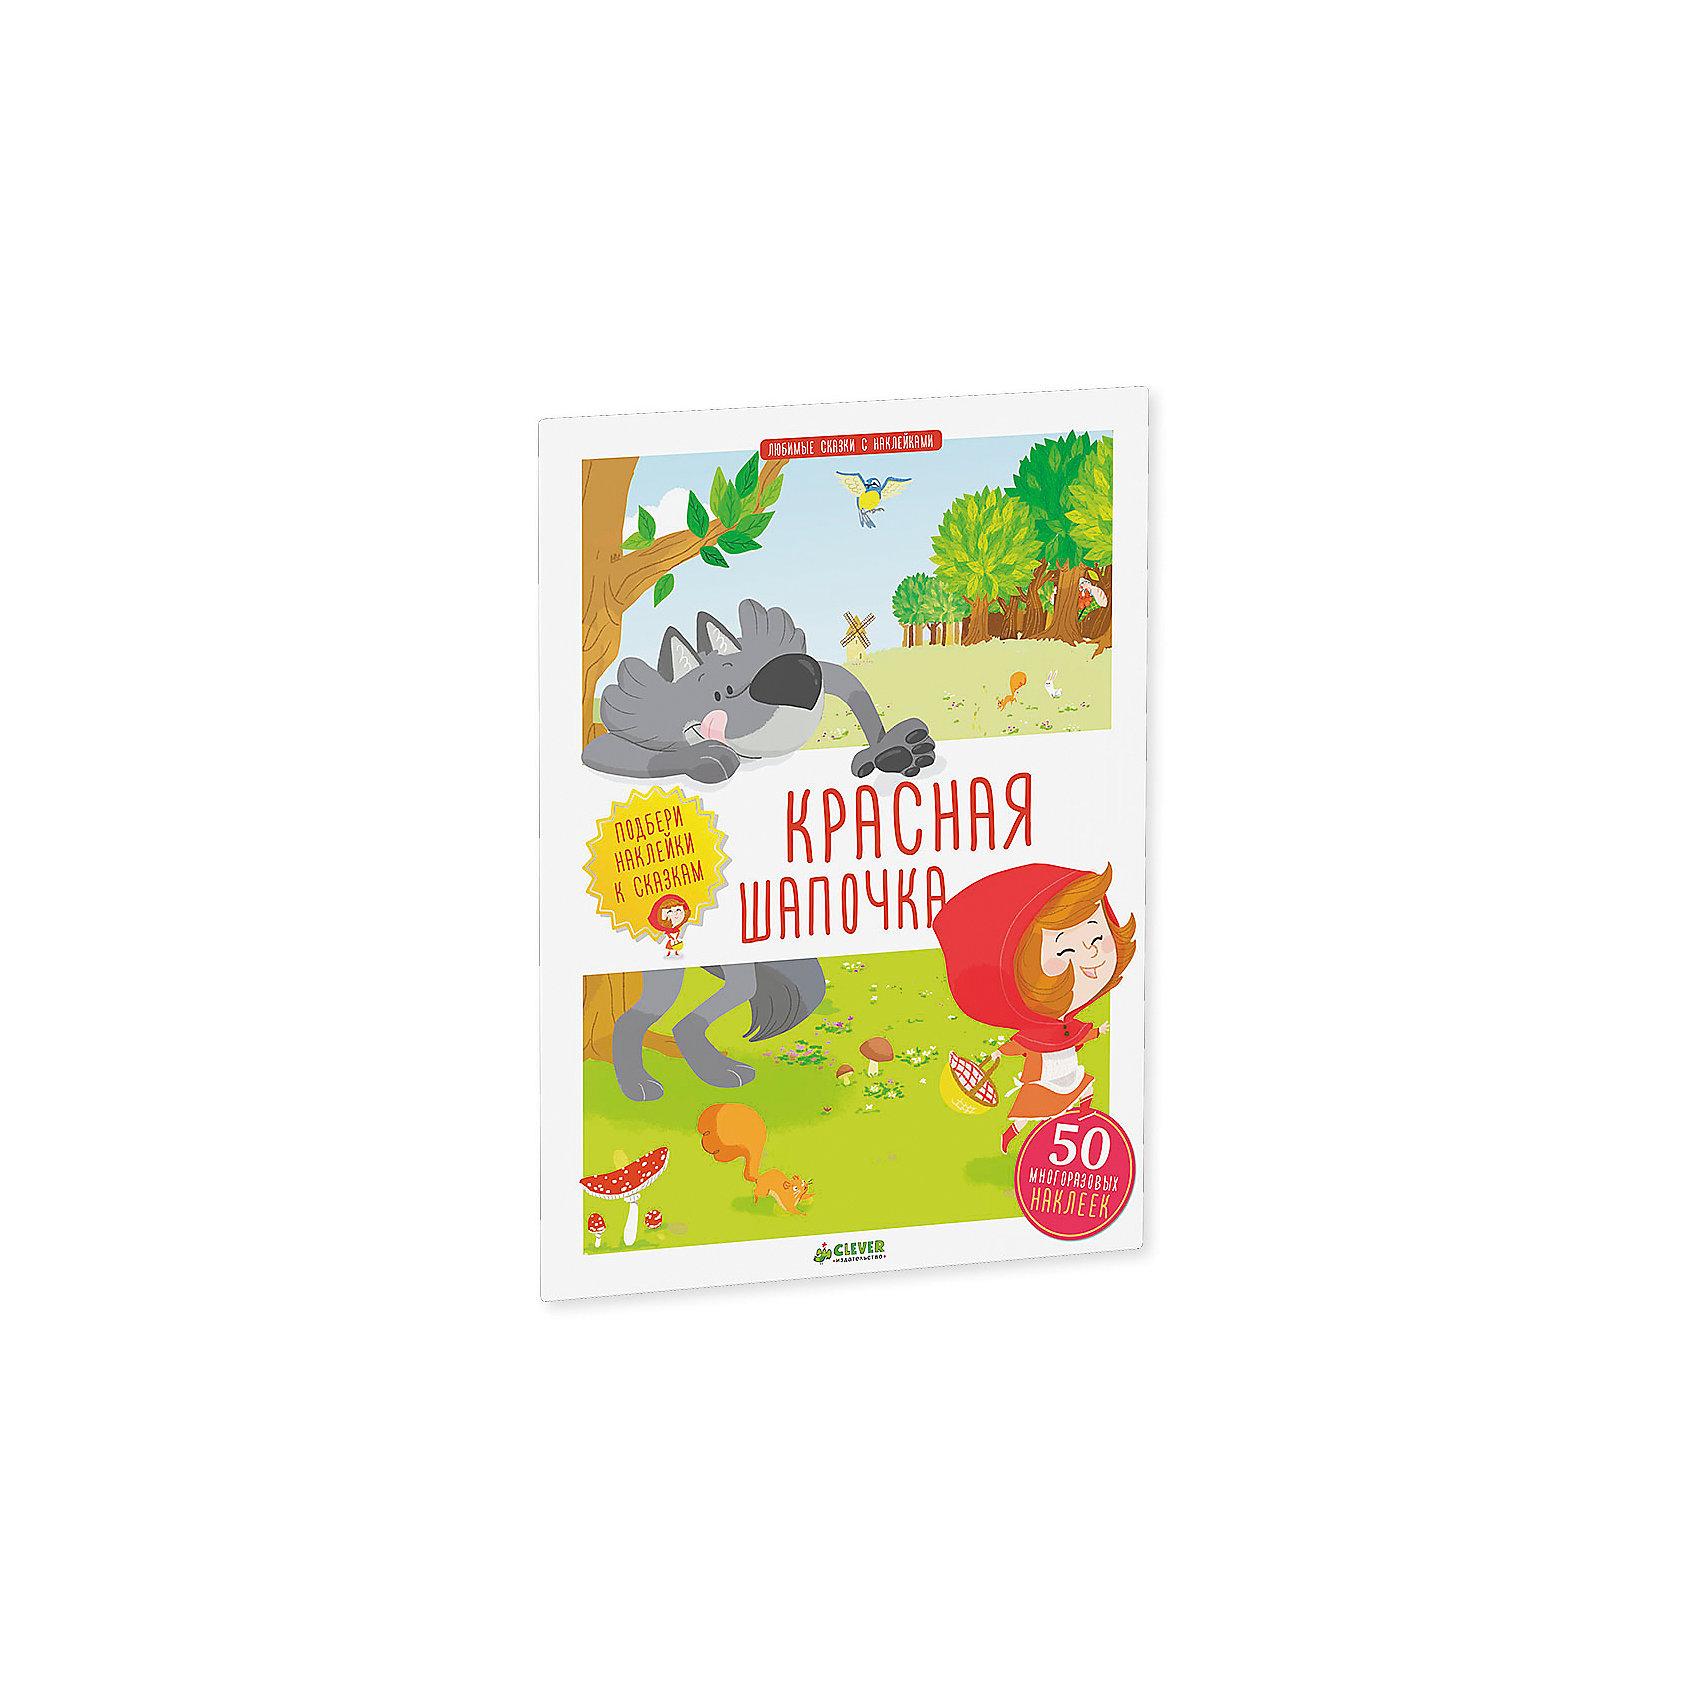 Красная Шапочка, Любимые сказки с наклейкамиИнтеллект и словарный запас ребенка нужно развивать - и тогда он в дальнейшем сможет освоить больше полезных навыков. Сделать это занятие интересным и легким поможет данный комплект книг. В нем собраны самые добрые и интересные сказки.<br>С этими книгами с помощью ярких картинок можно легко познакомить ребенка с сюжетами сказок, дать ему поток новых слов и выражений. Книга отличается красочными изображениями, которые малыши с удовольствием рассматривают. Также в наборе с ней идут наклейки, с помощью которых можно выполнять увлекательные задания!<br><br>Дополнительная информация:<br><br>размер: 21 x 28 см;<br>страниц: 36;<br>наклейки в комплекте.<br><br>Издание Красная Шапочка, Любимые сказки с наклейками можно купить в нашем интернет-магазине.<br><br>Ширина мм: 280<br>Глубина мм: 210<br>Высота мм: 8<br>Вес г: 184<br>Возраст от месяцев: 0<br>Возраст до месяцев: 36<br>Пол: Унисекс<br>Возраст: Детский<br>SKU: 4976147